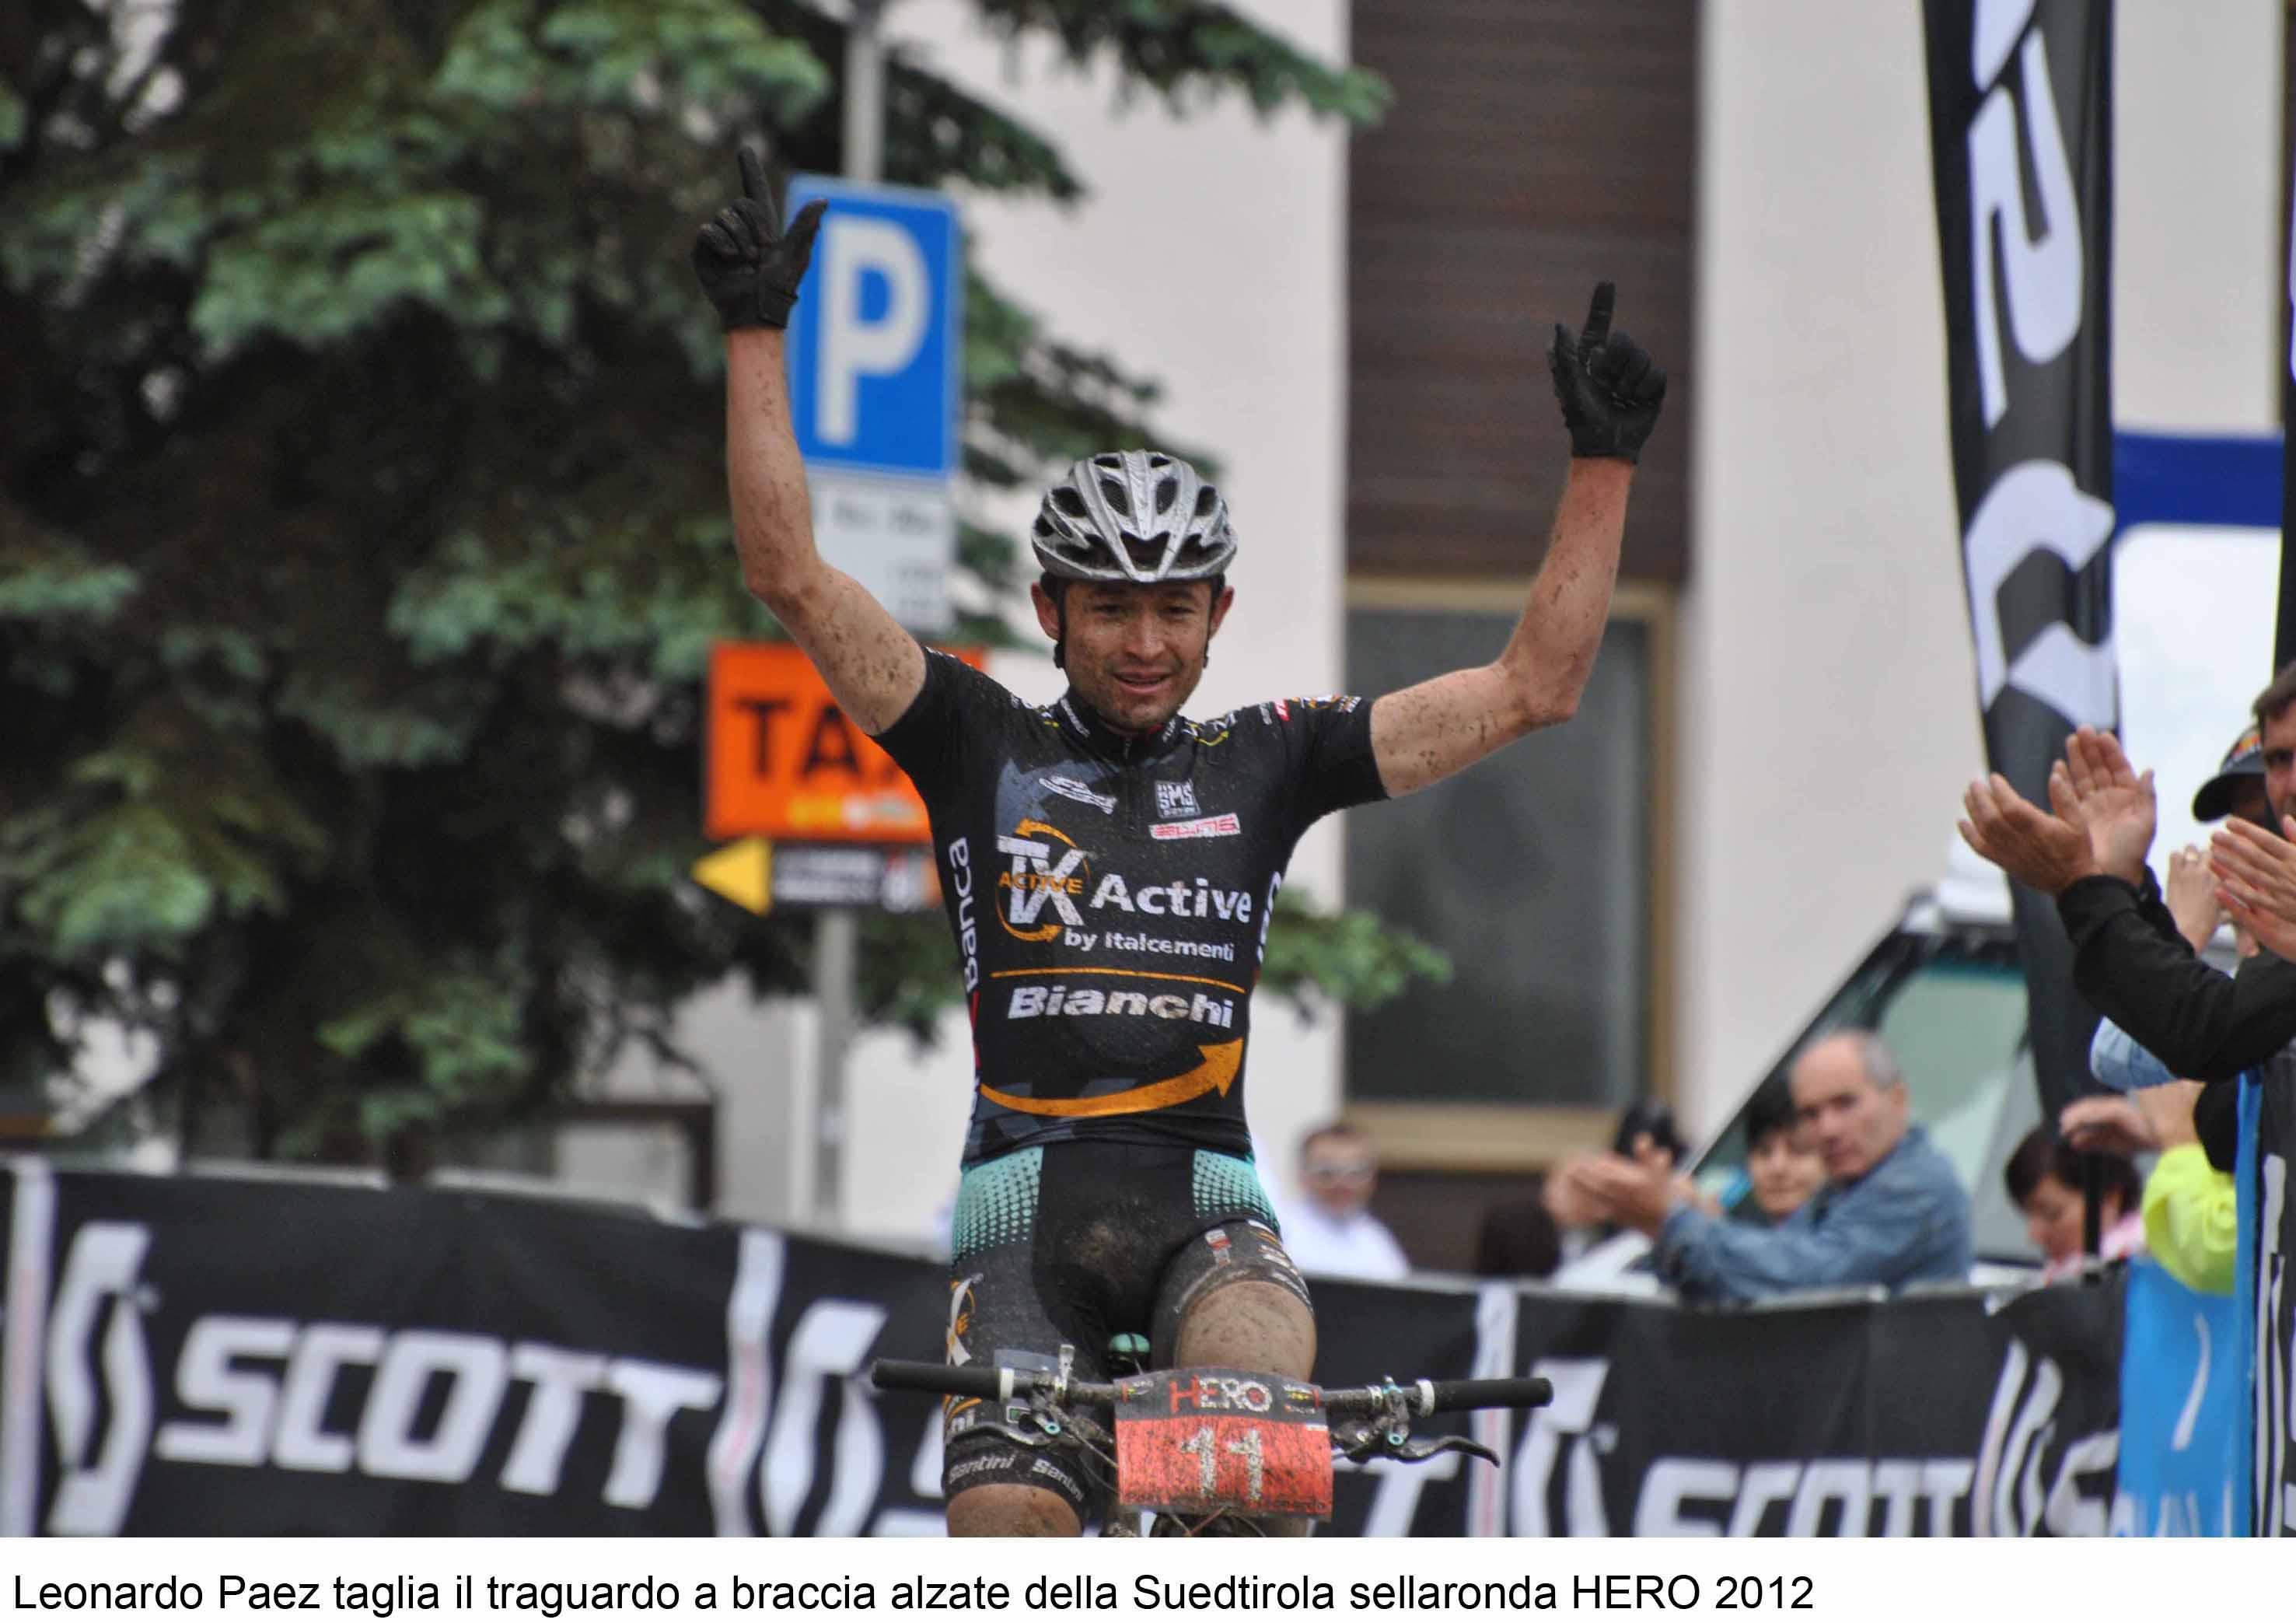 Südtirol Sellaronda Hero 2012, fotografie e classifiche